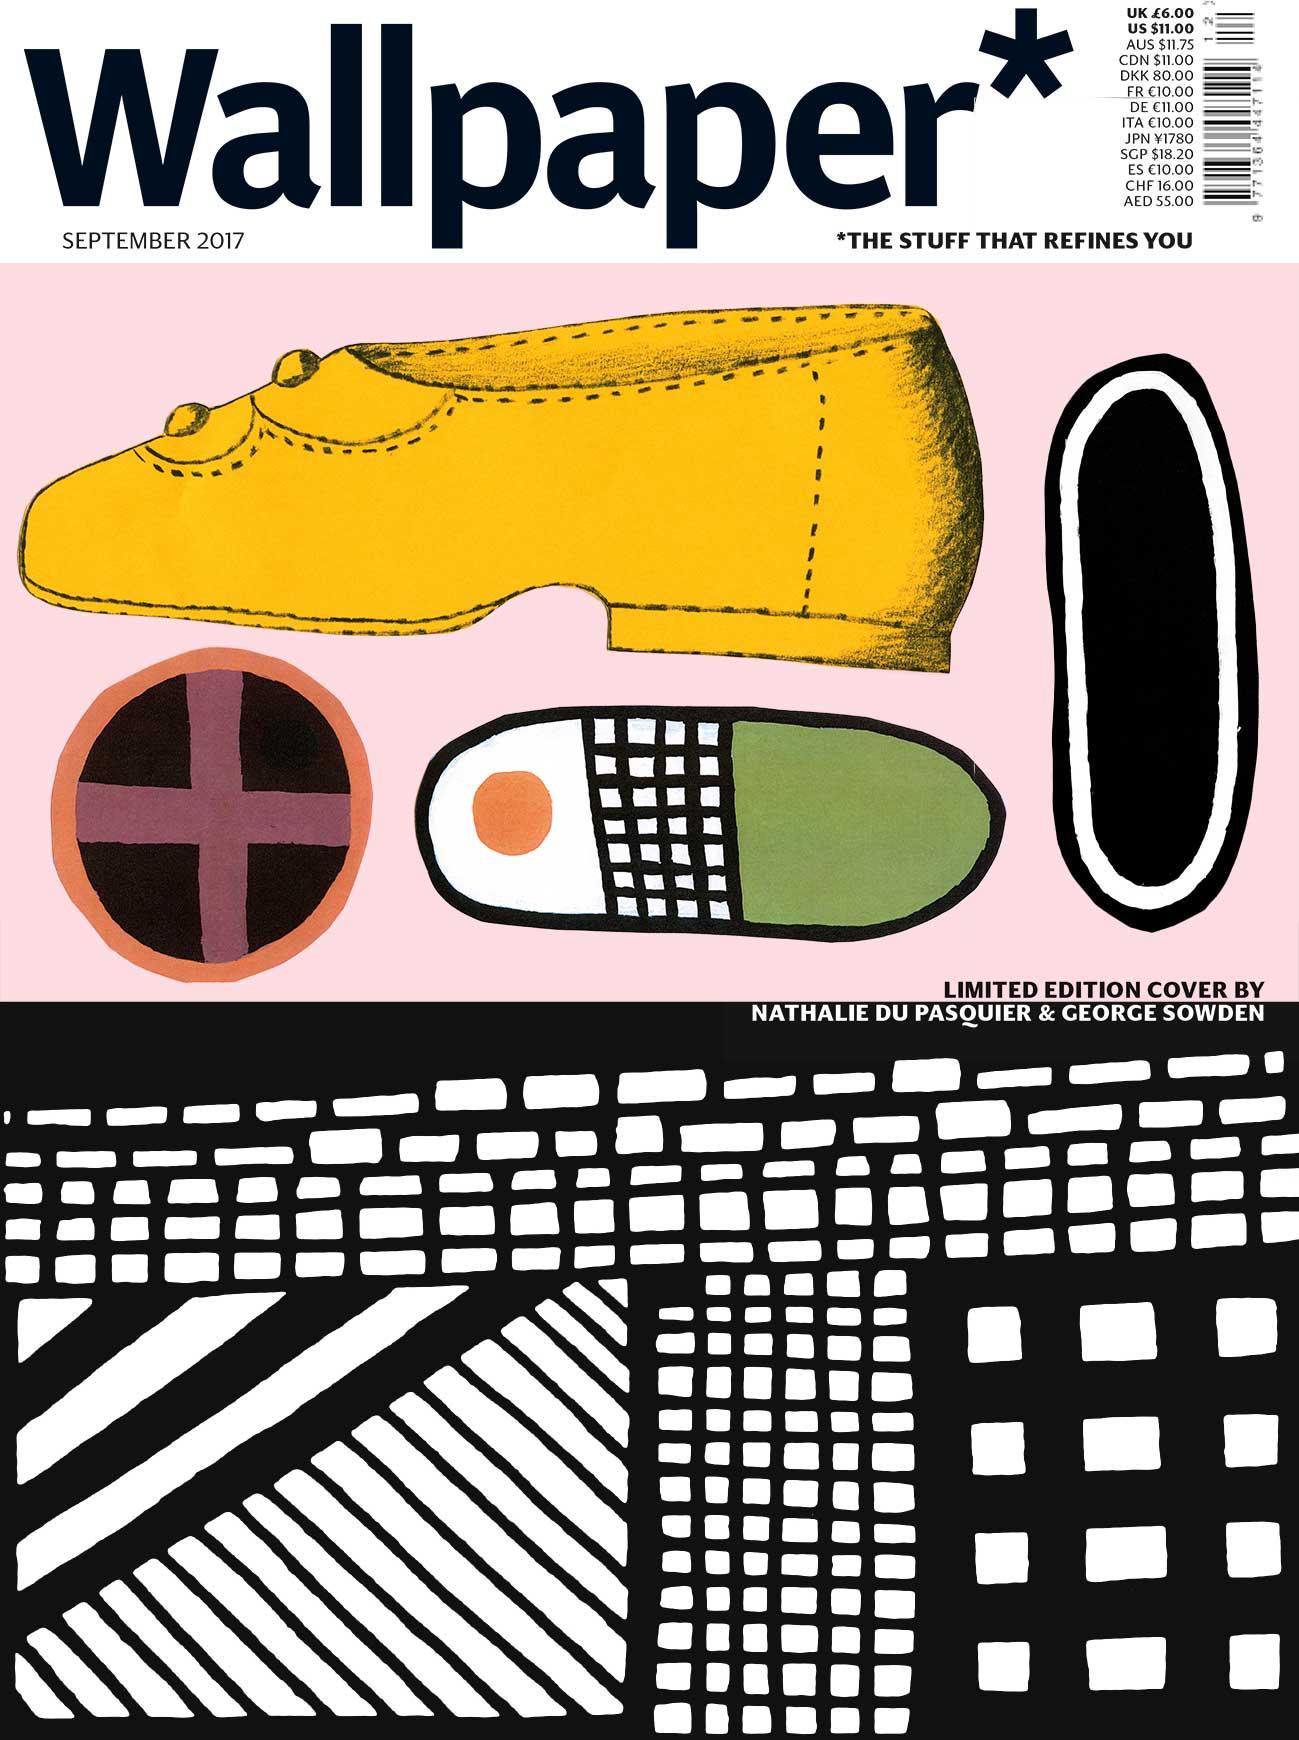 September-Ltd-Edition-Cover_LOW.jpg